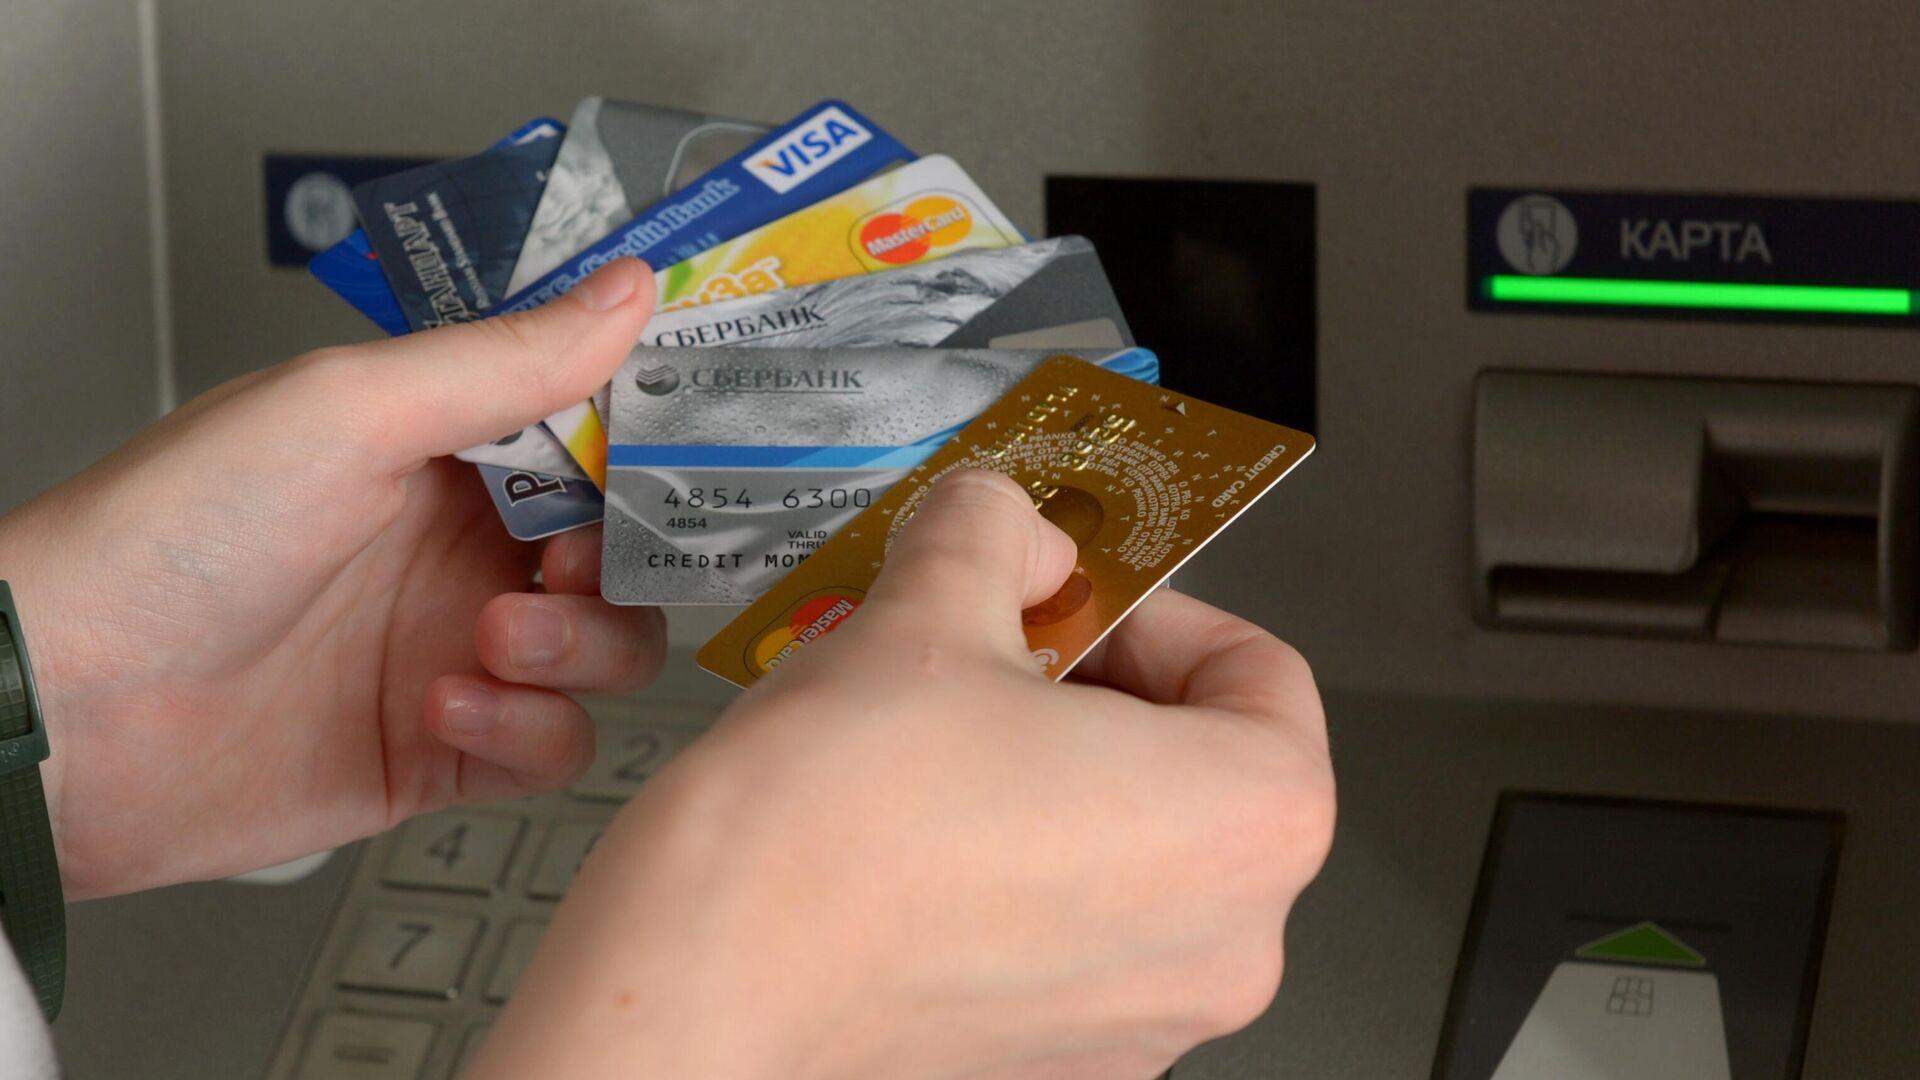 Банковские карты международных платежных систем VISA и MasterCard - РИА Новости, 1920, 04.06.2021